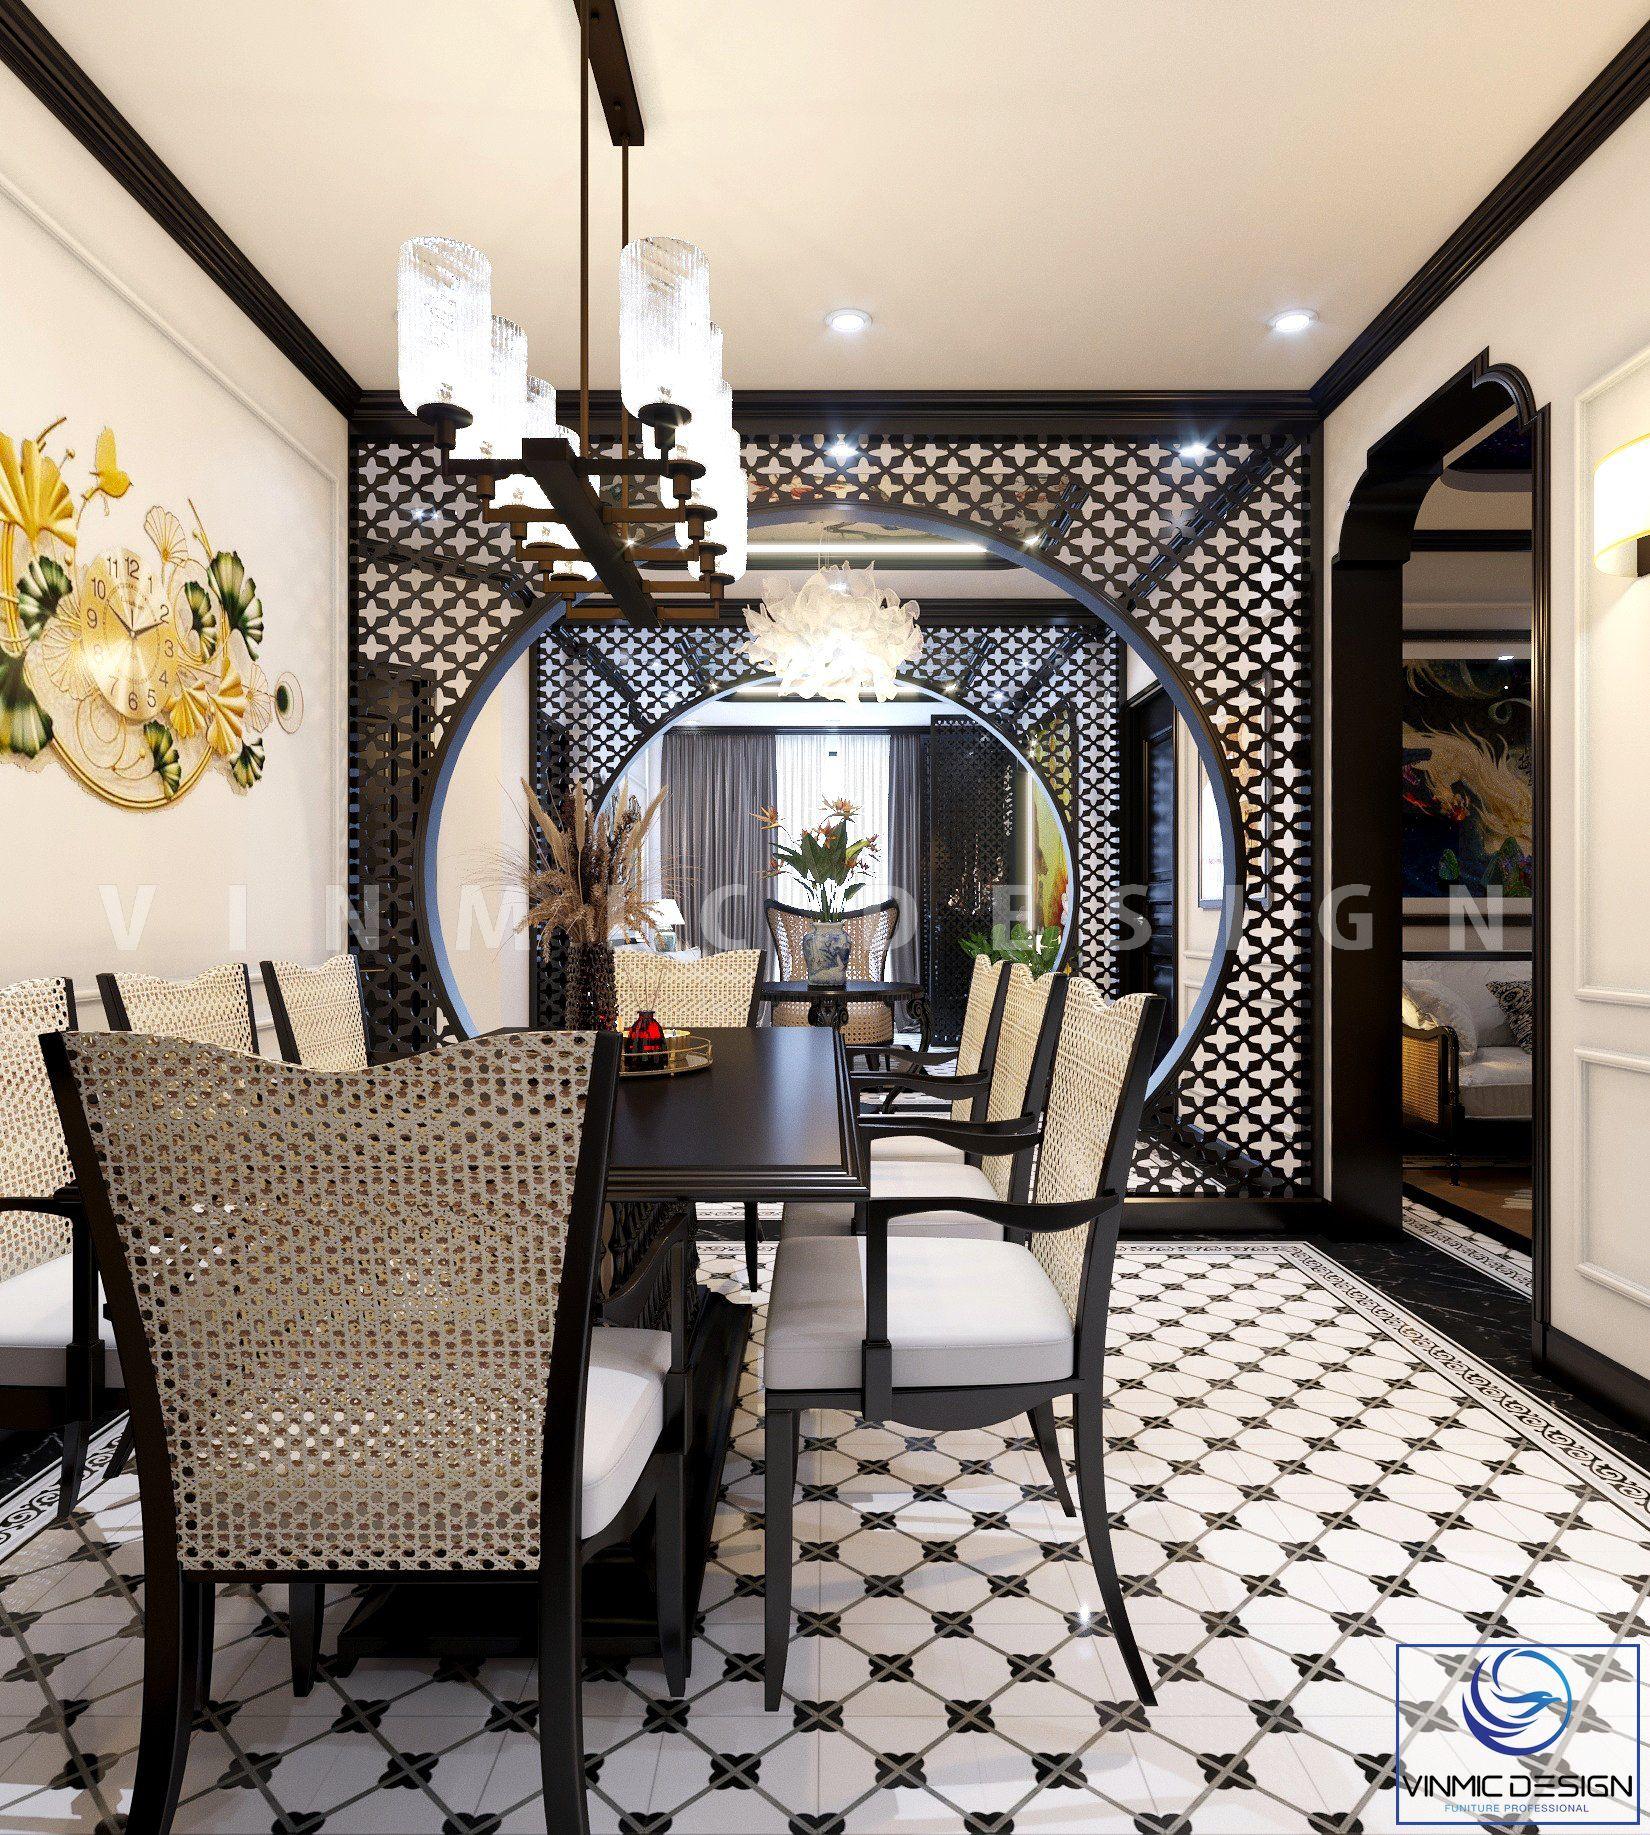 Thiết kế nội thất đẹp tại căn hộ chung cư Sunshine Garden